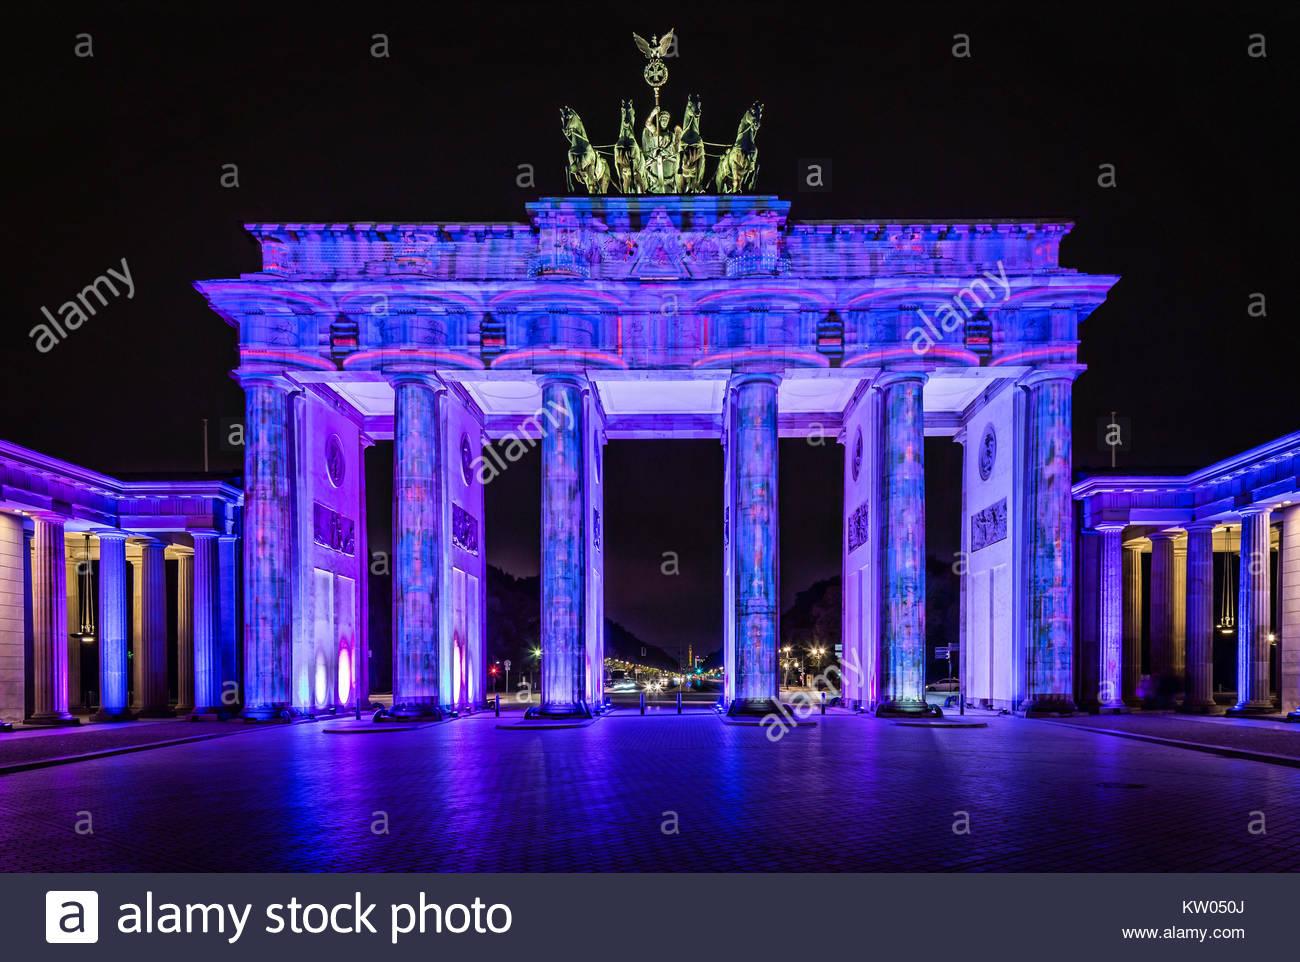 Berlin, das Brandenburger Tor beim Lichterfest 2016 illuminiert in farbenprächtigen Dekor. Seit 2015 gibt es Stockbild